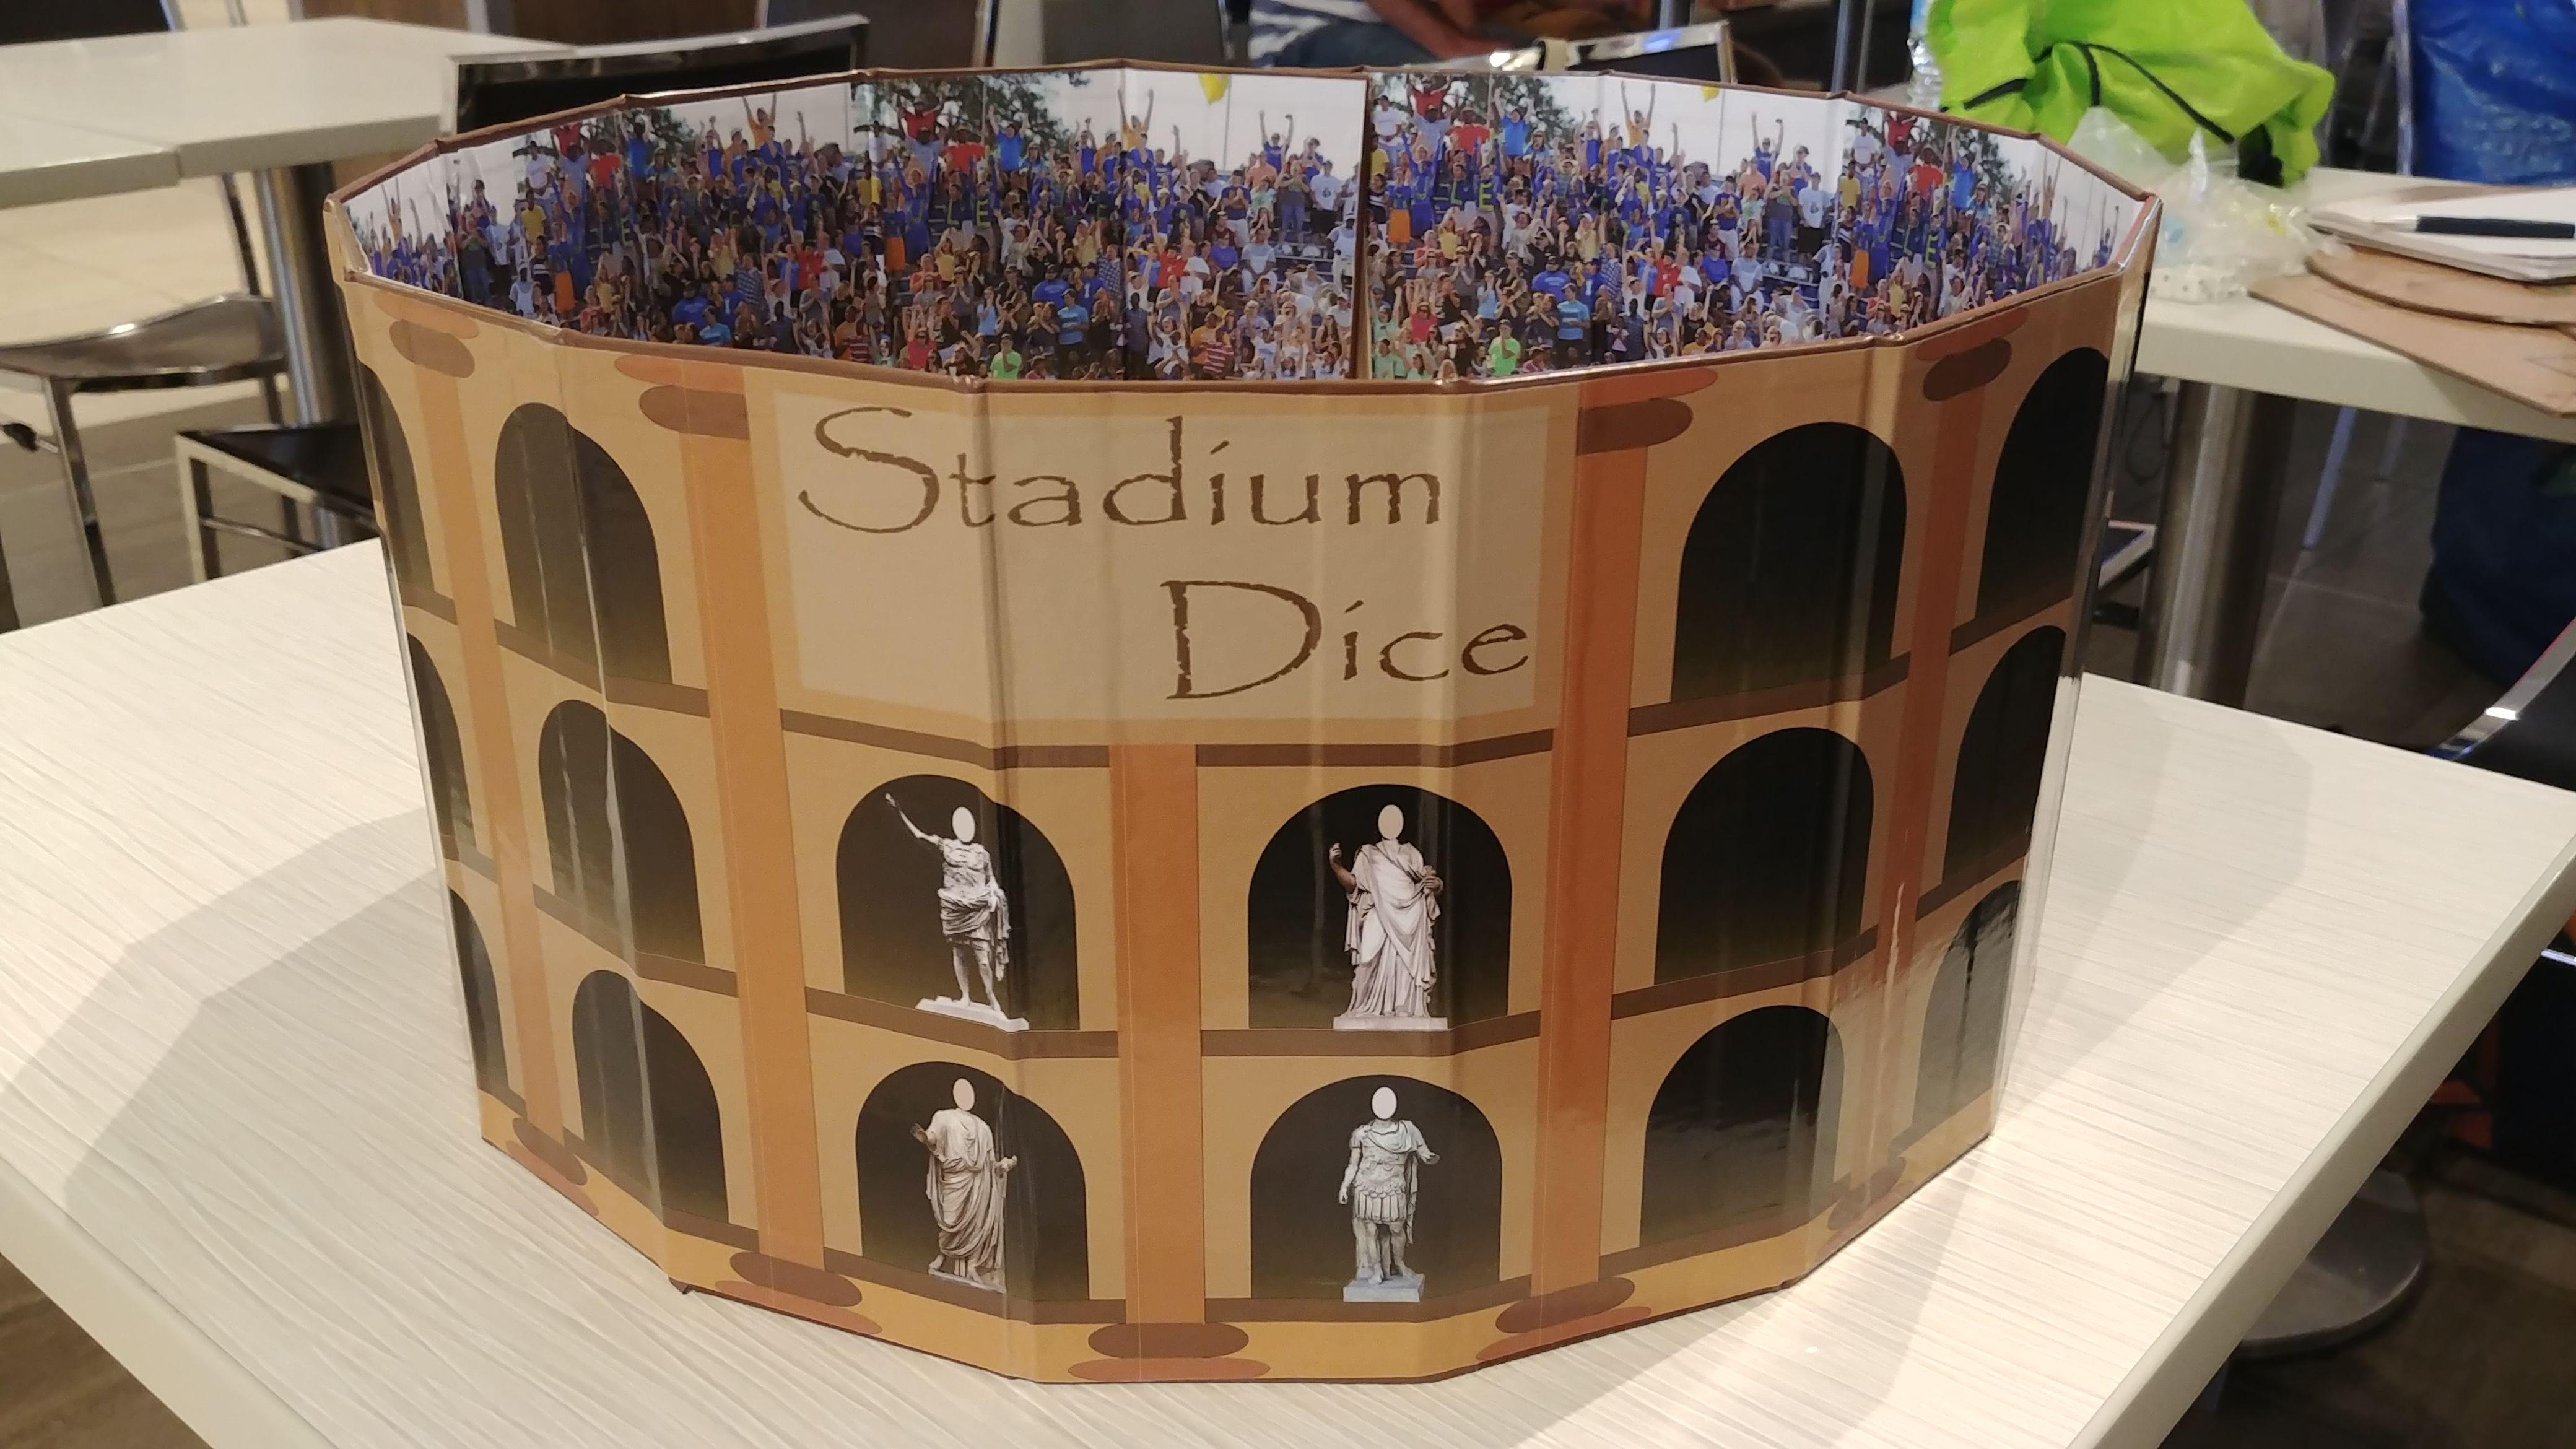 Stadium Dice